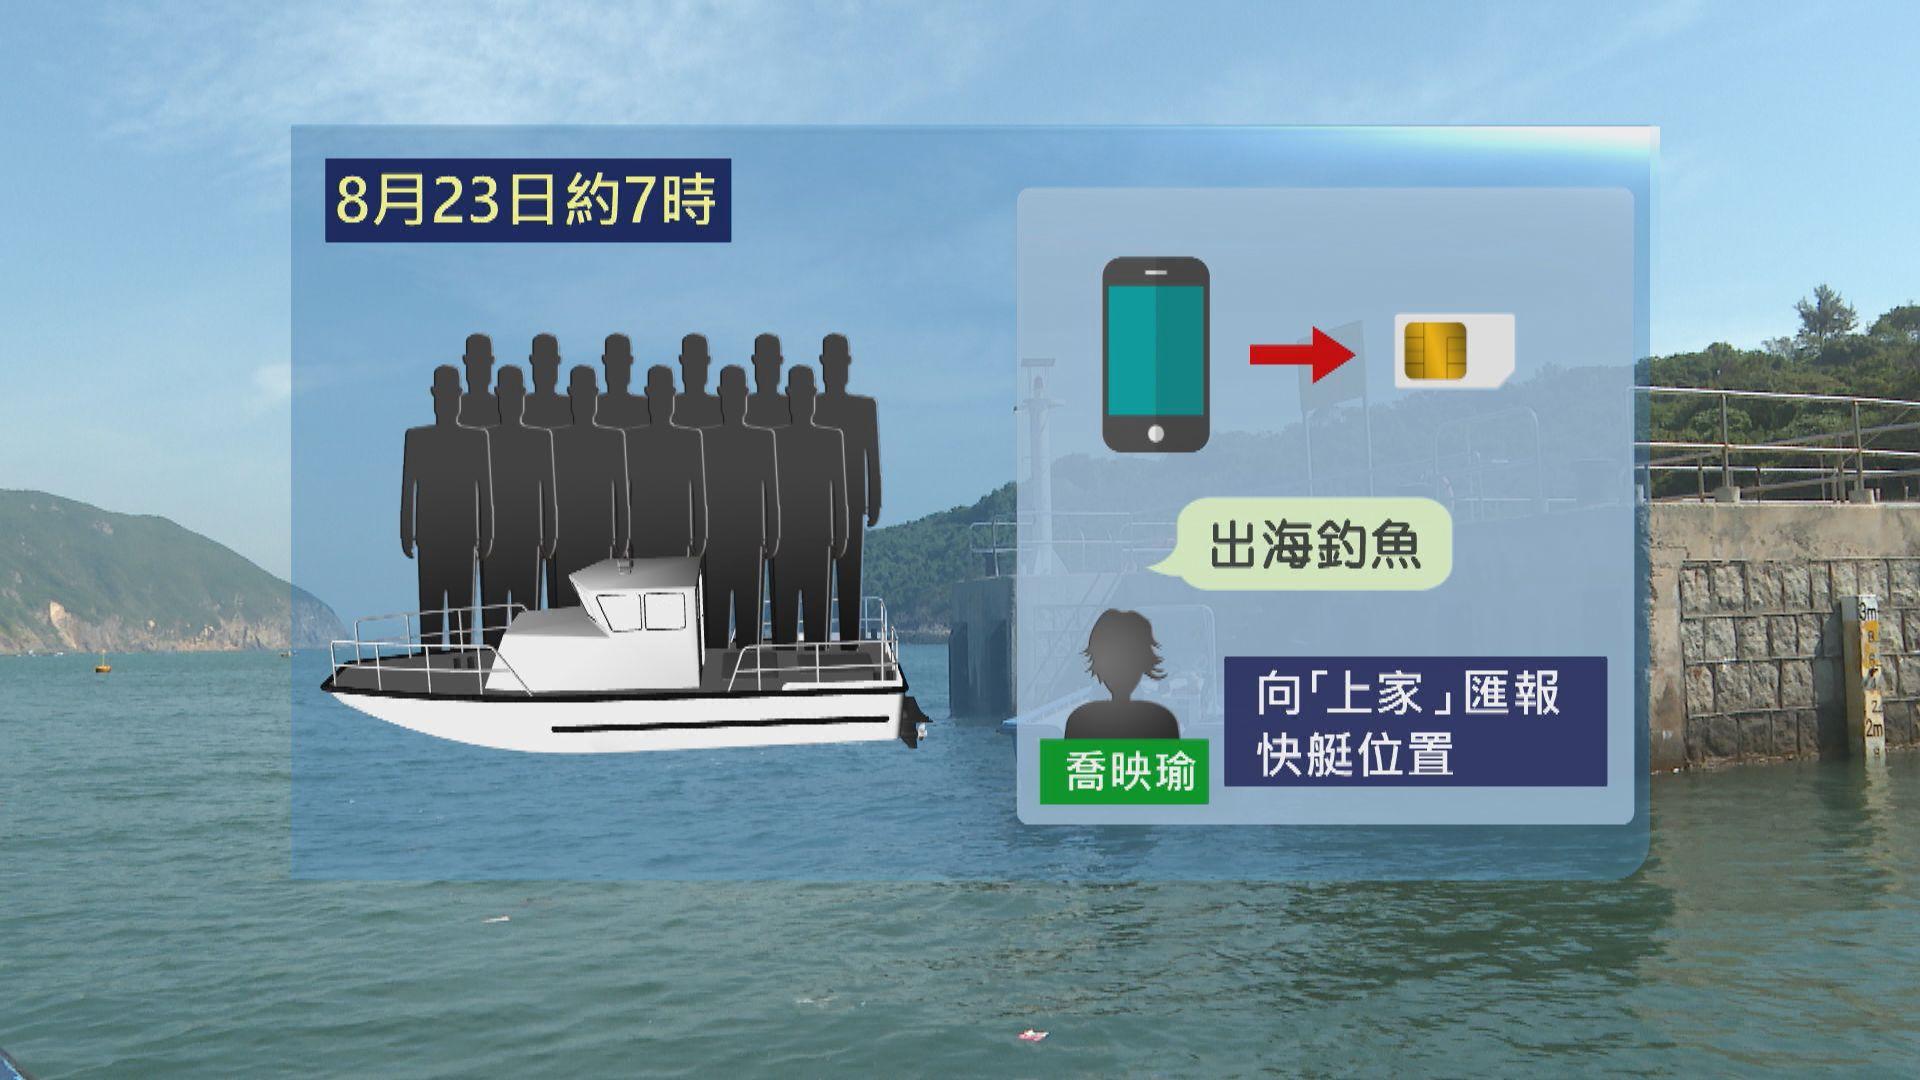 12港人案 據報「上家」安排鄧棨然喬映瑜策劃偷渡